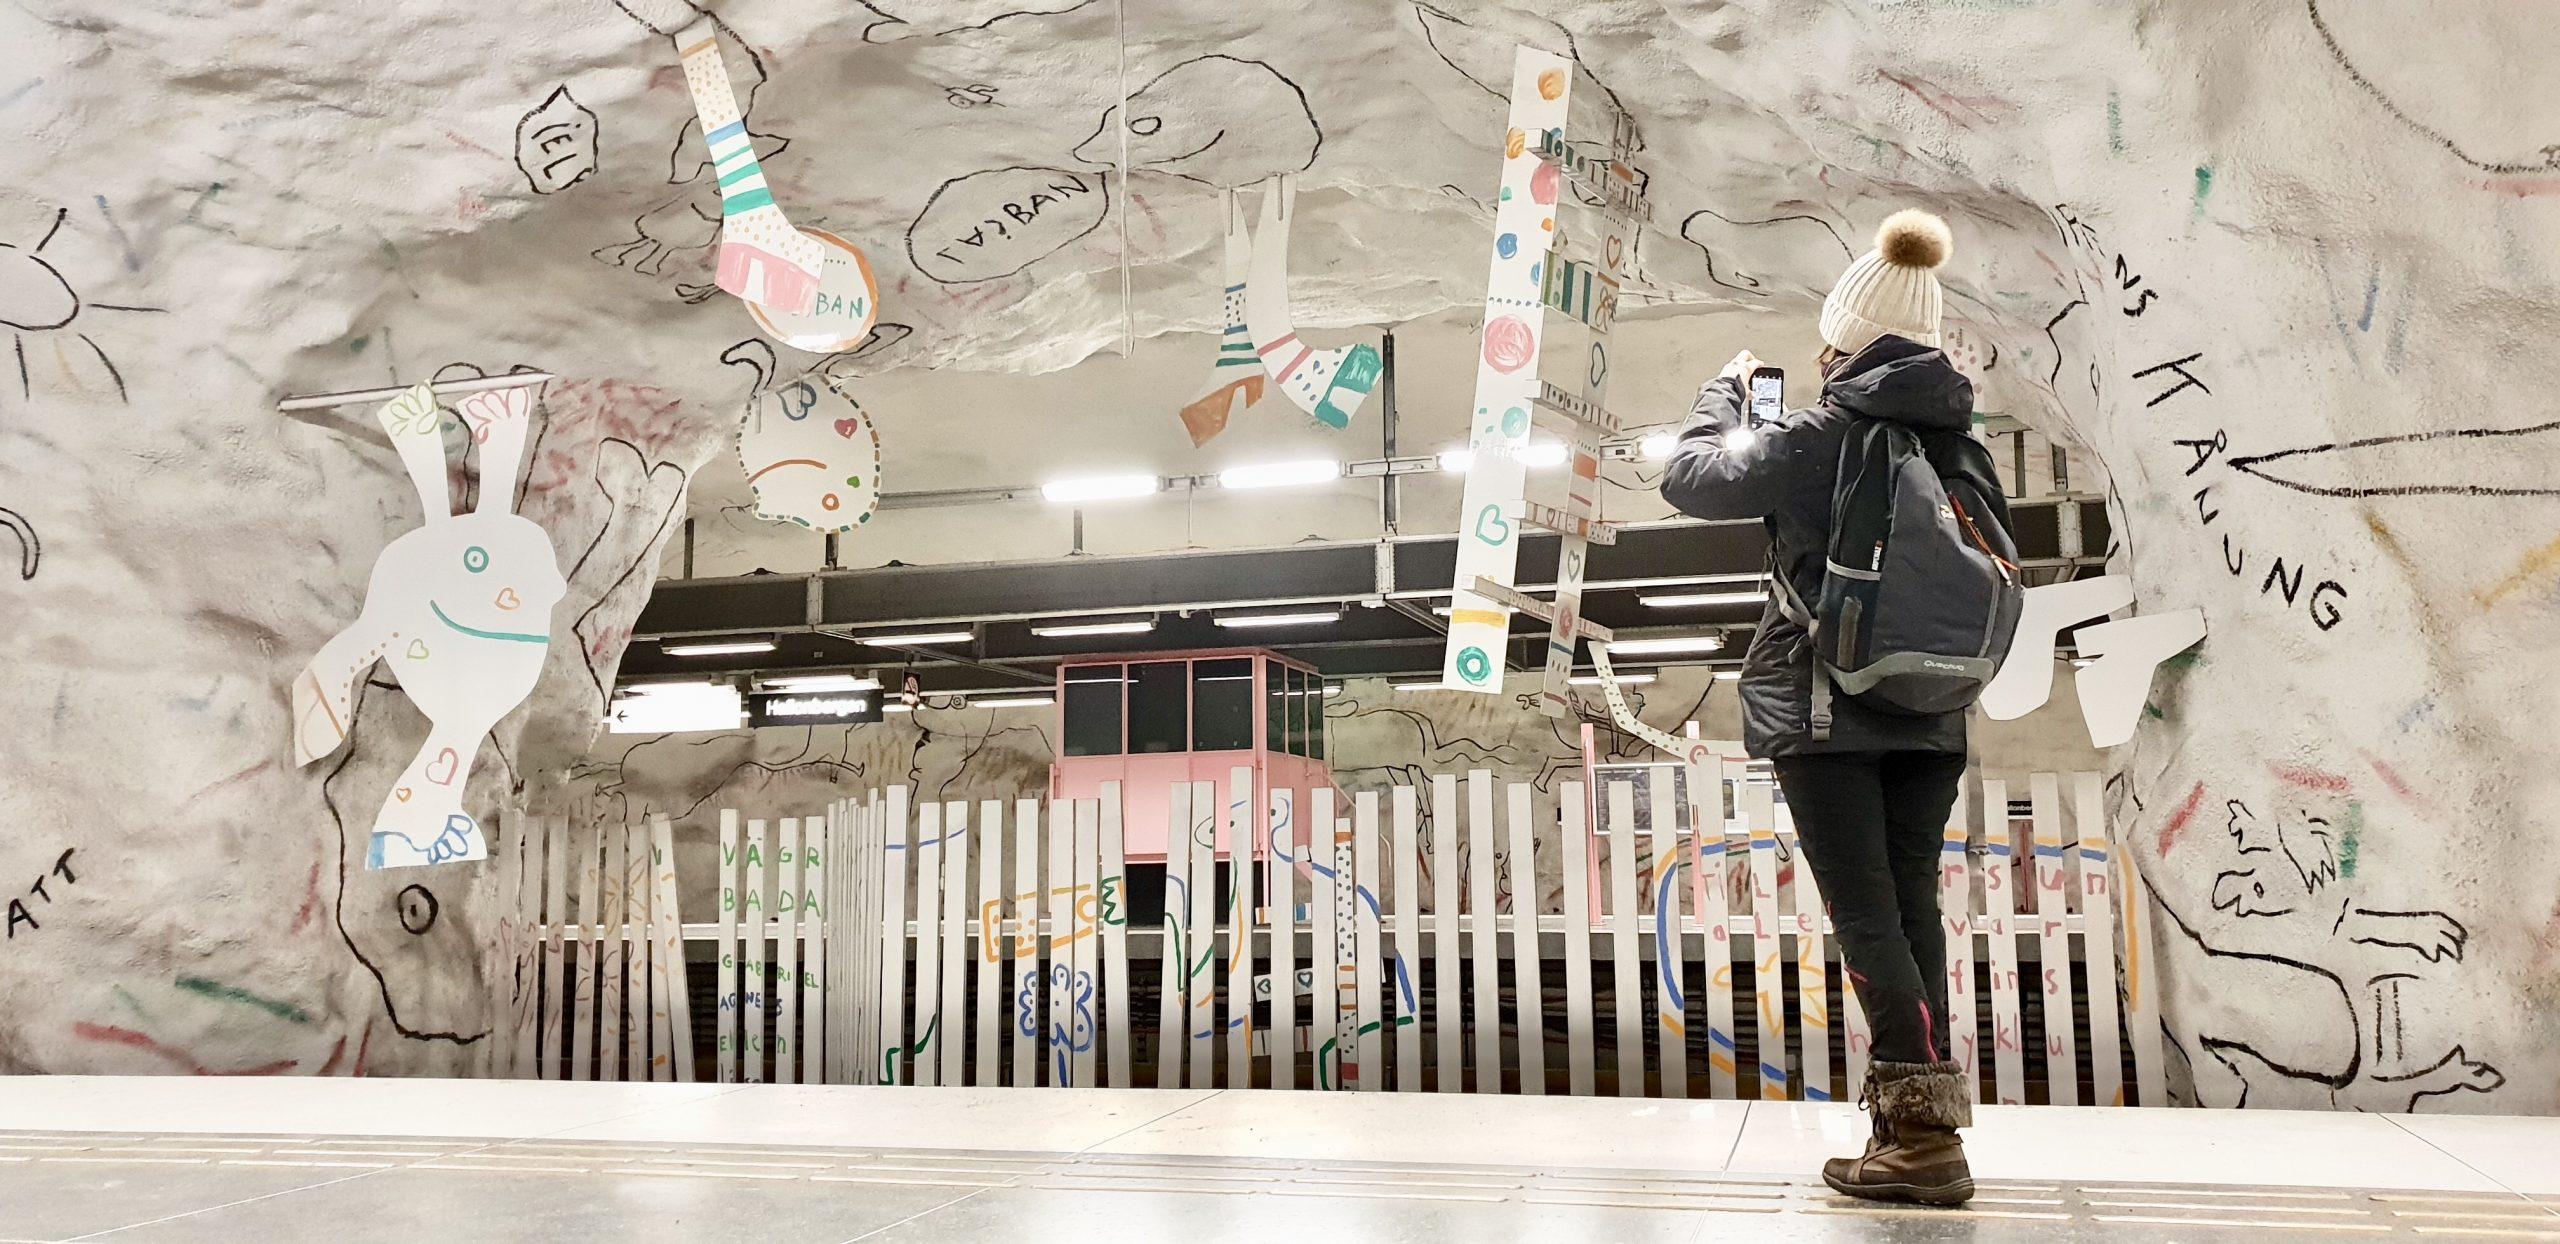 station métro hallonbergen stockholm